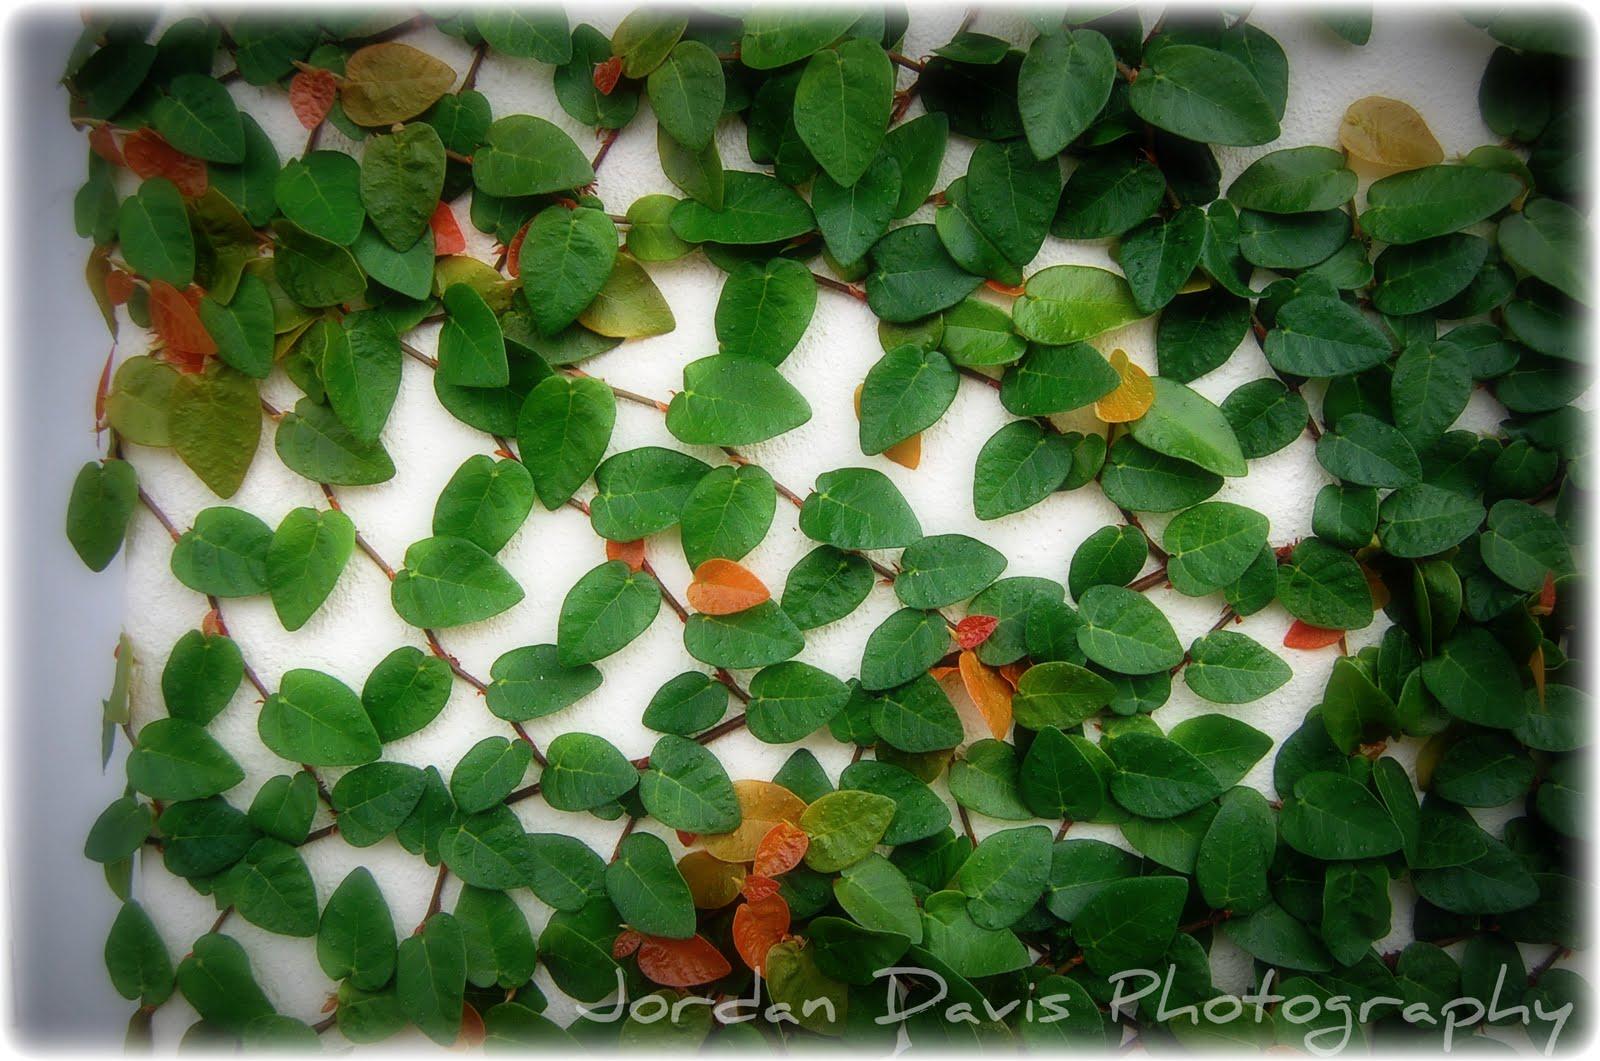 Jordan Davis Photography